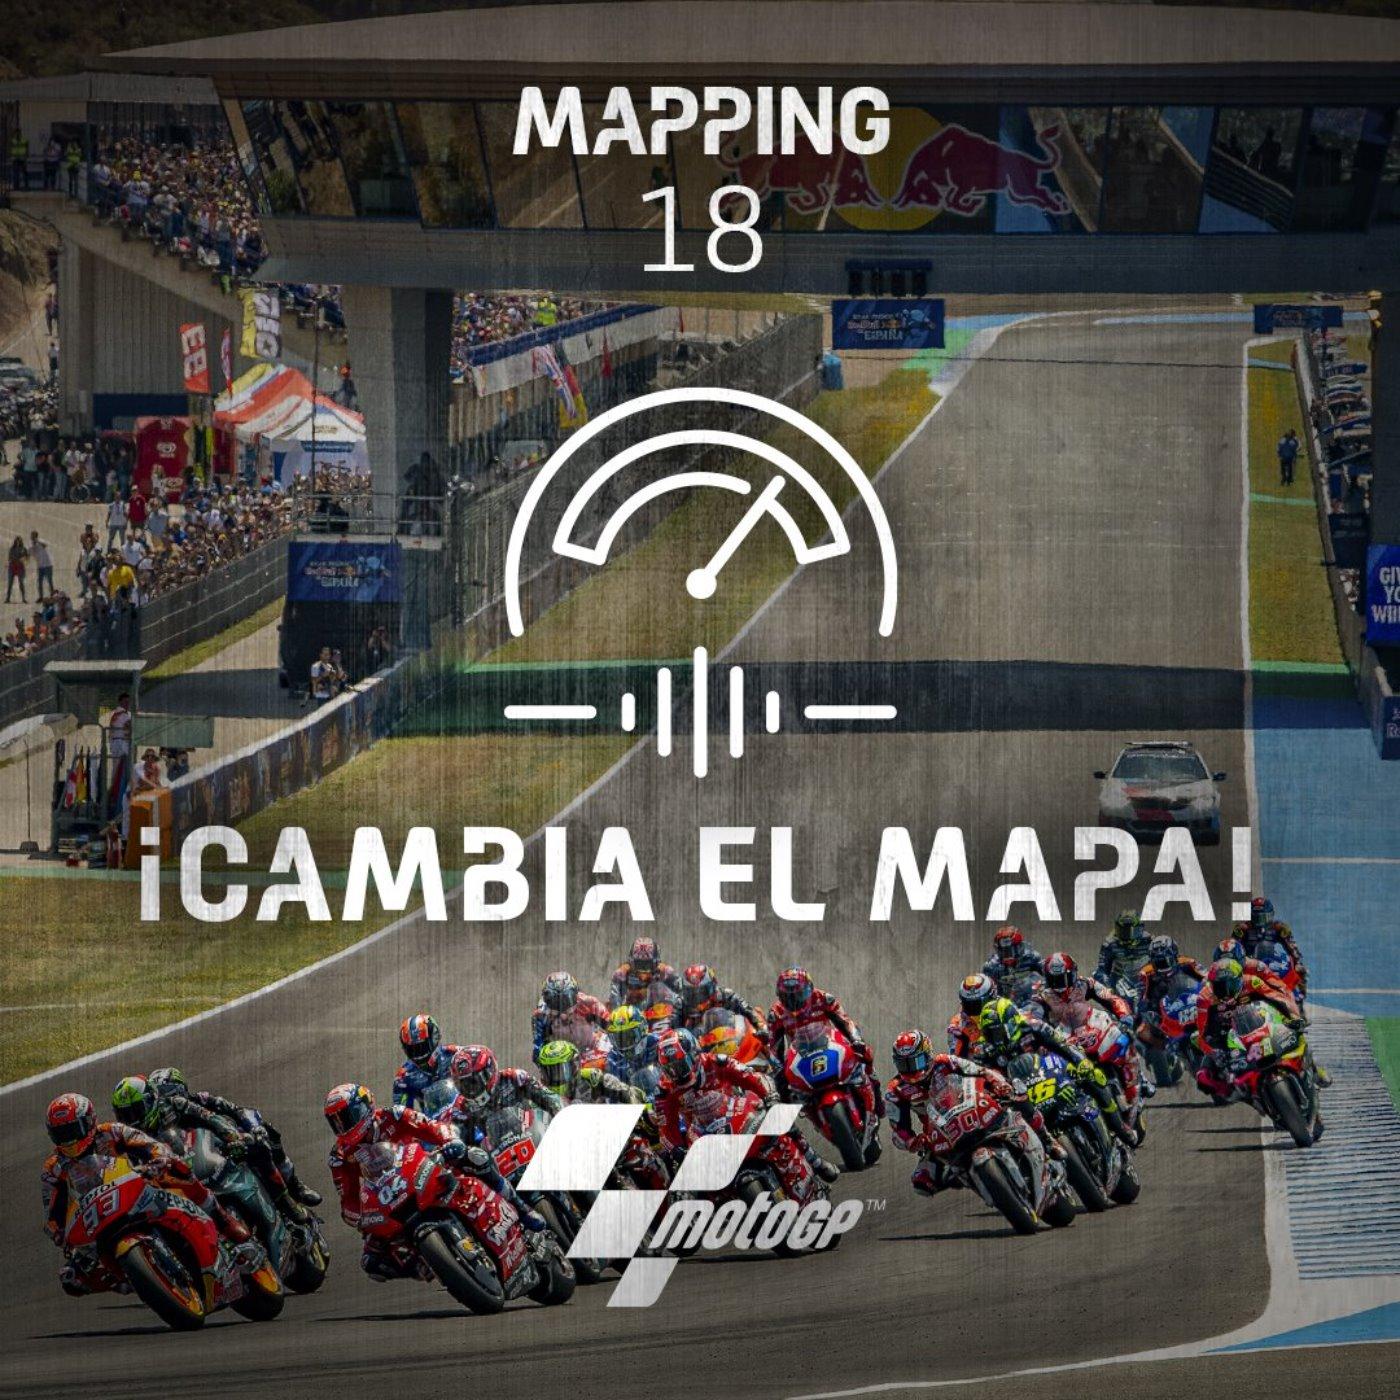 Mapping 18: El Mundial pone rumbo hacia la 'nueva normalidad'